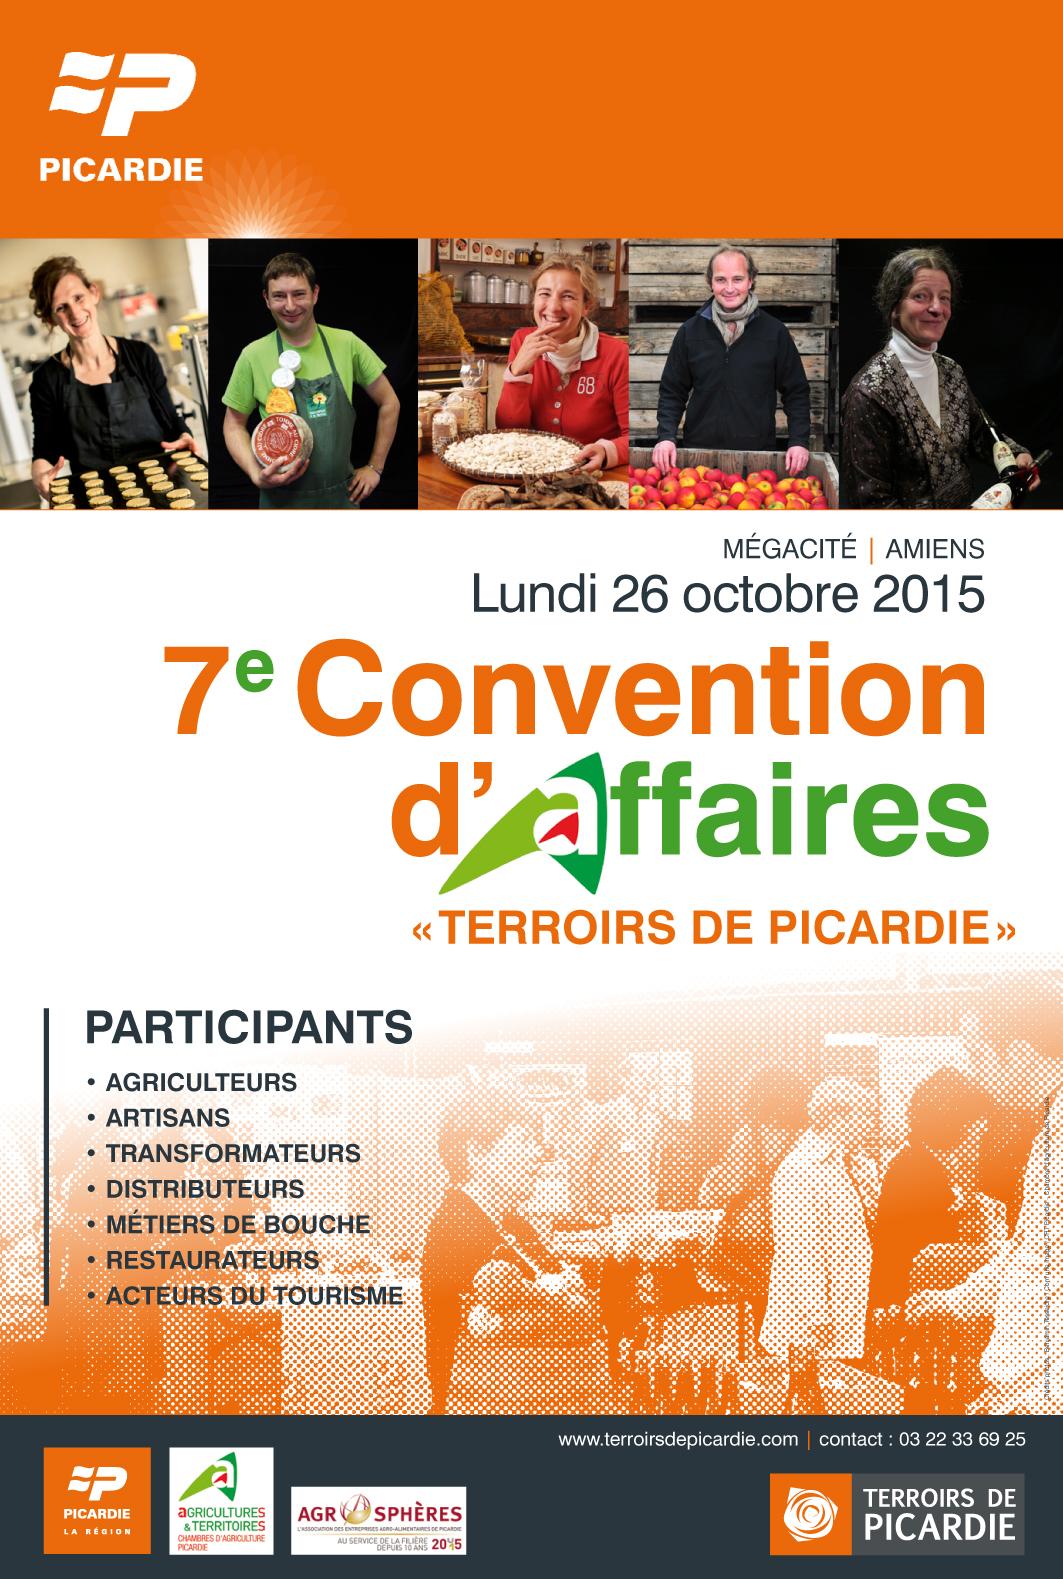 convention terroirs de picardie 2015